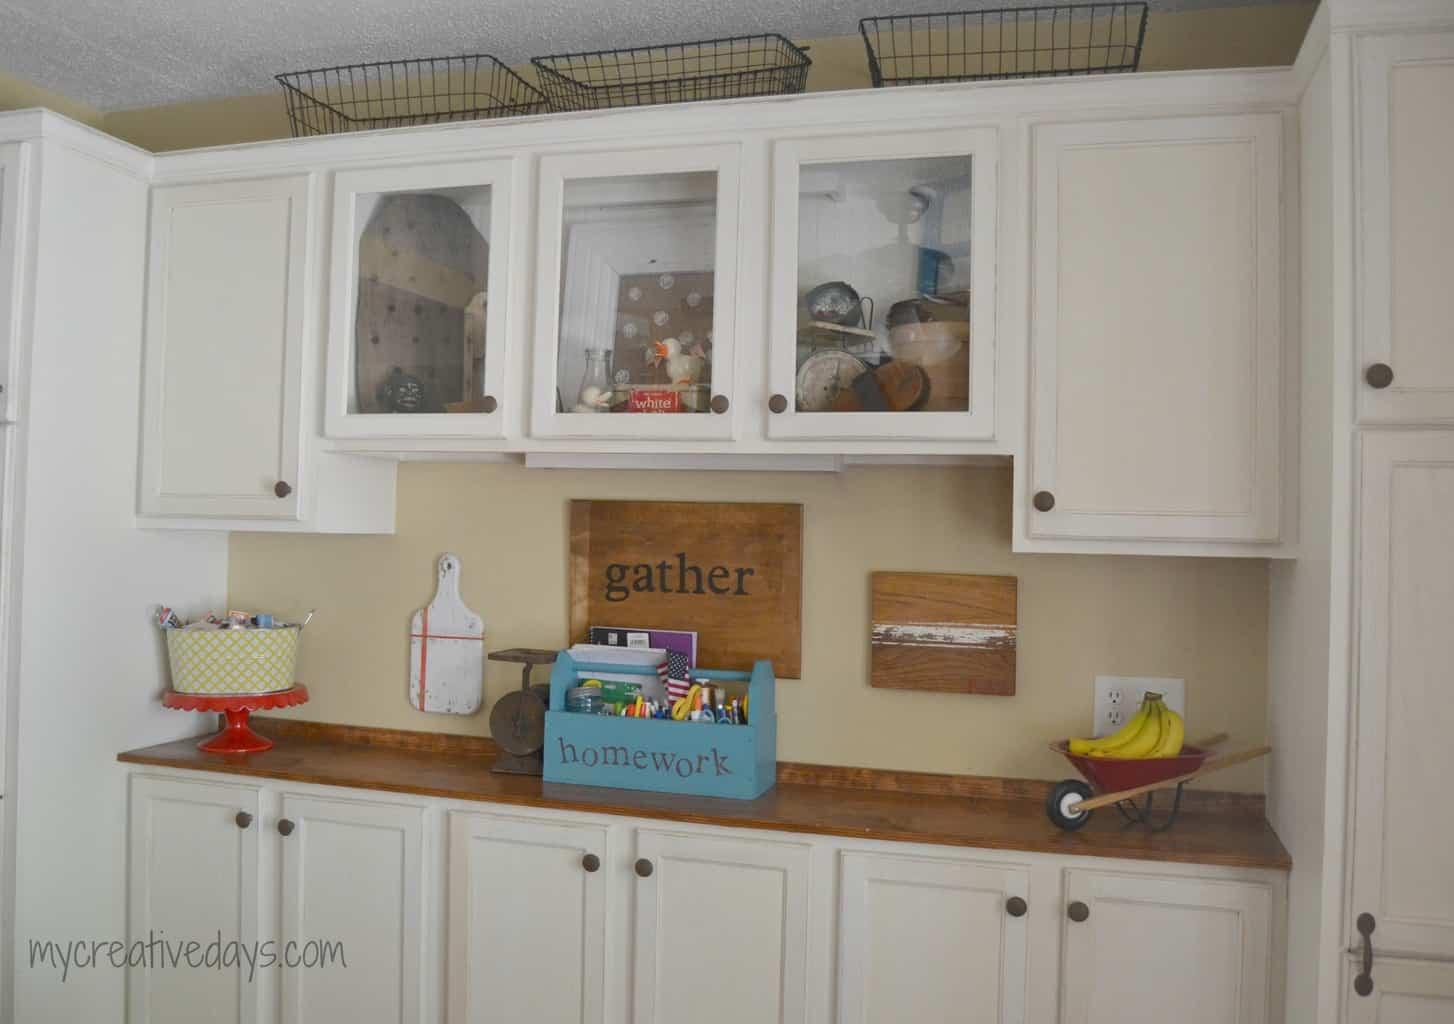 Summer House Tour mycreativedays.com